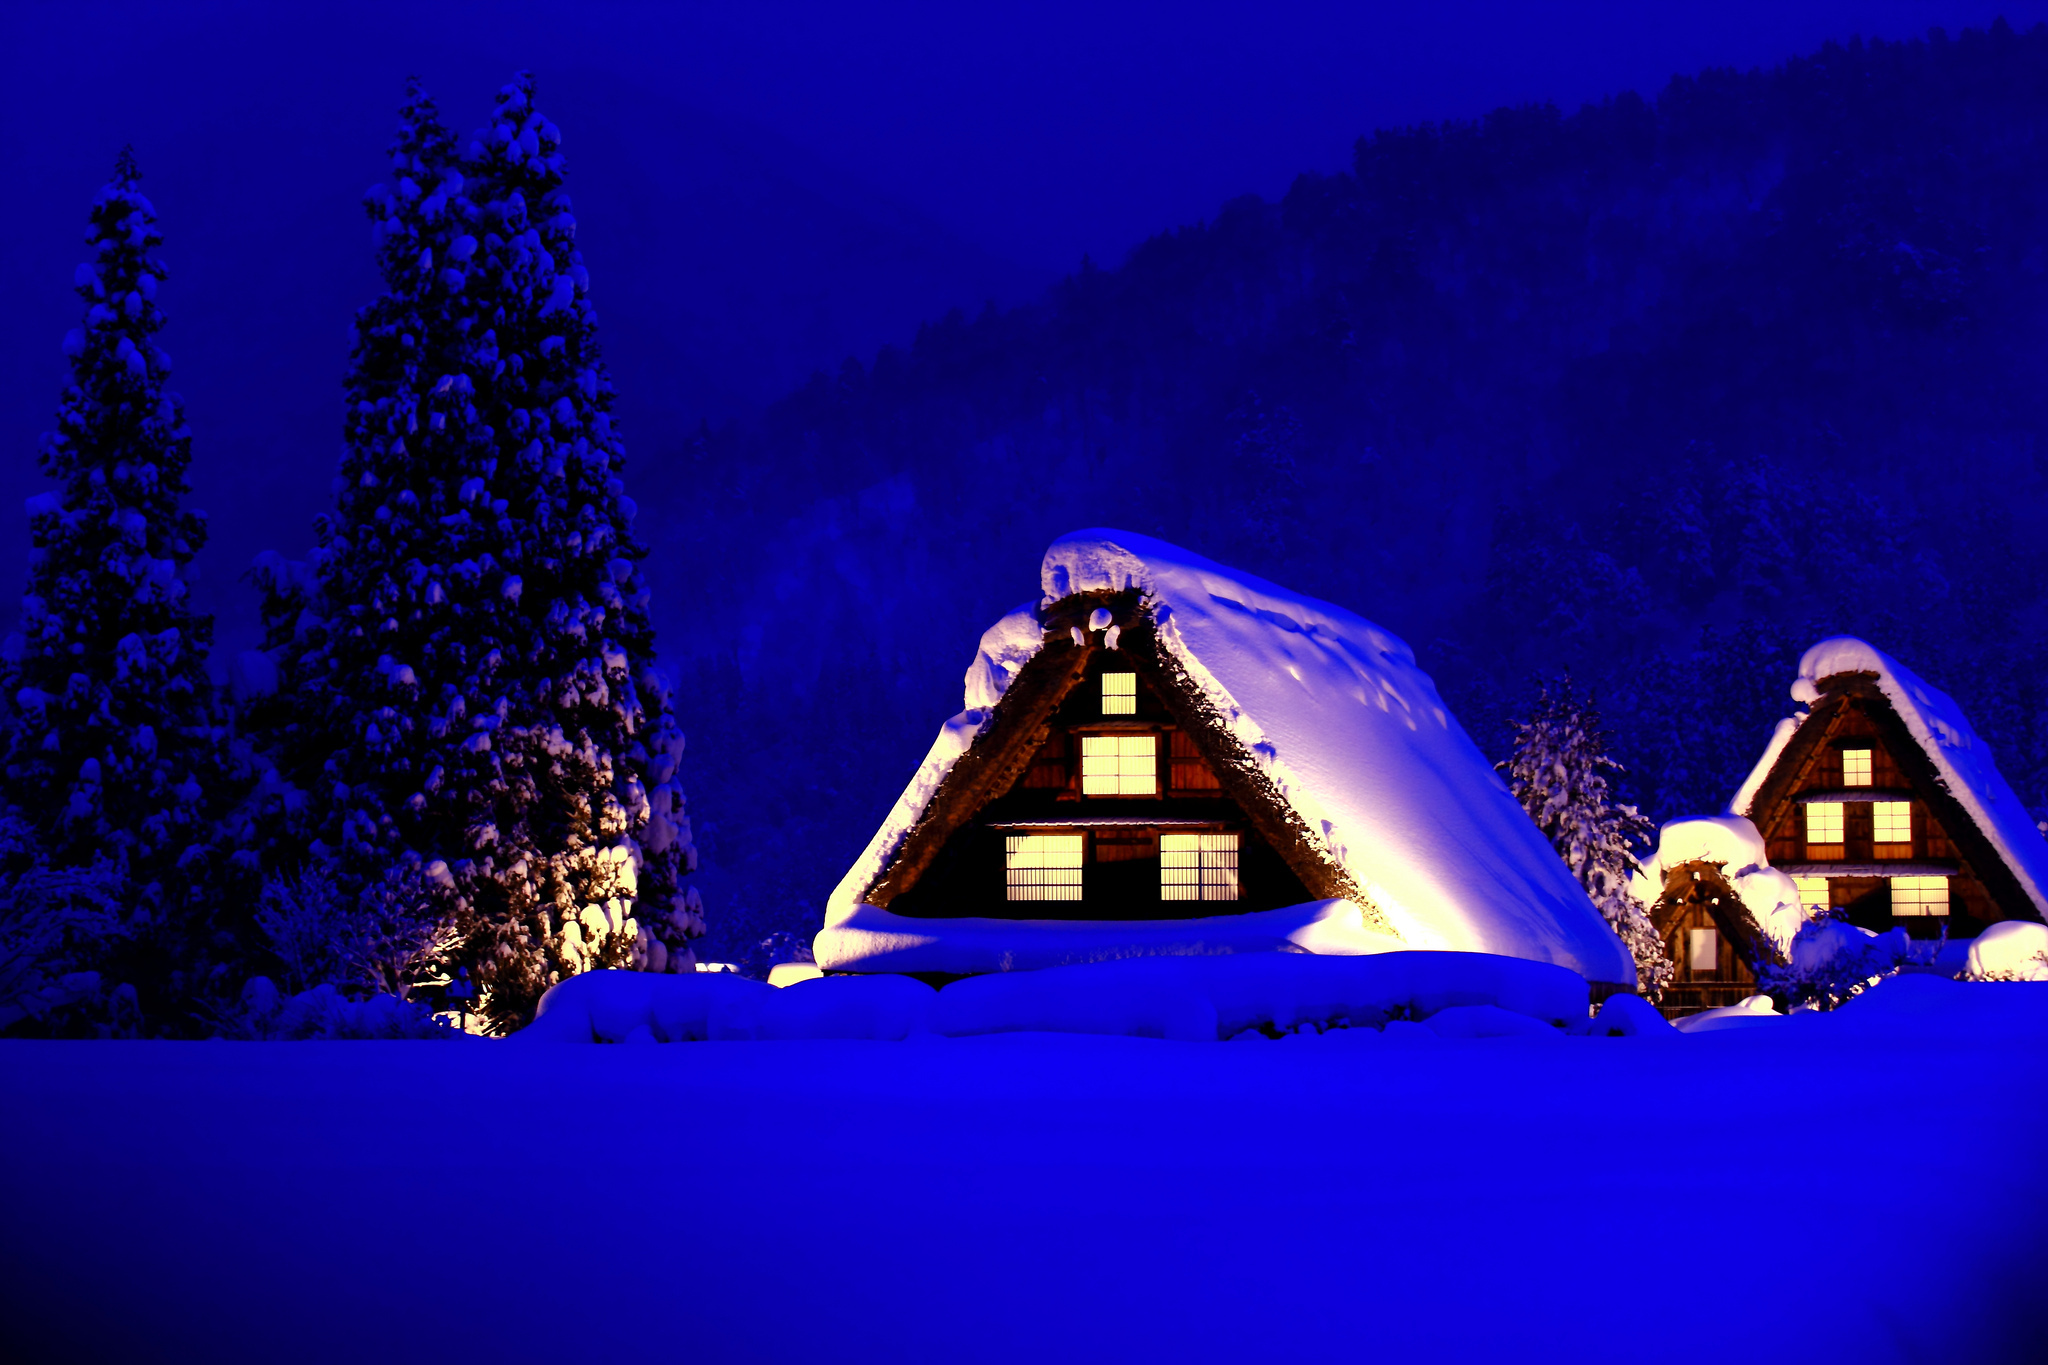 дома снег если без смс